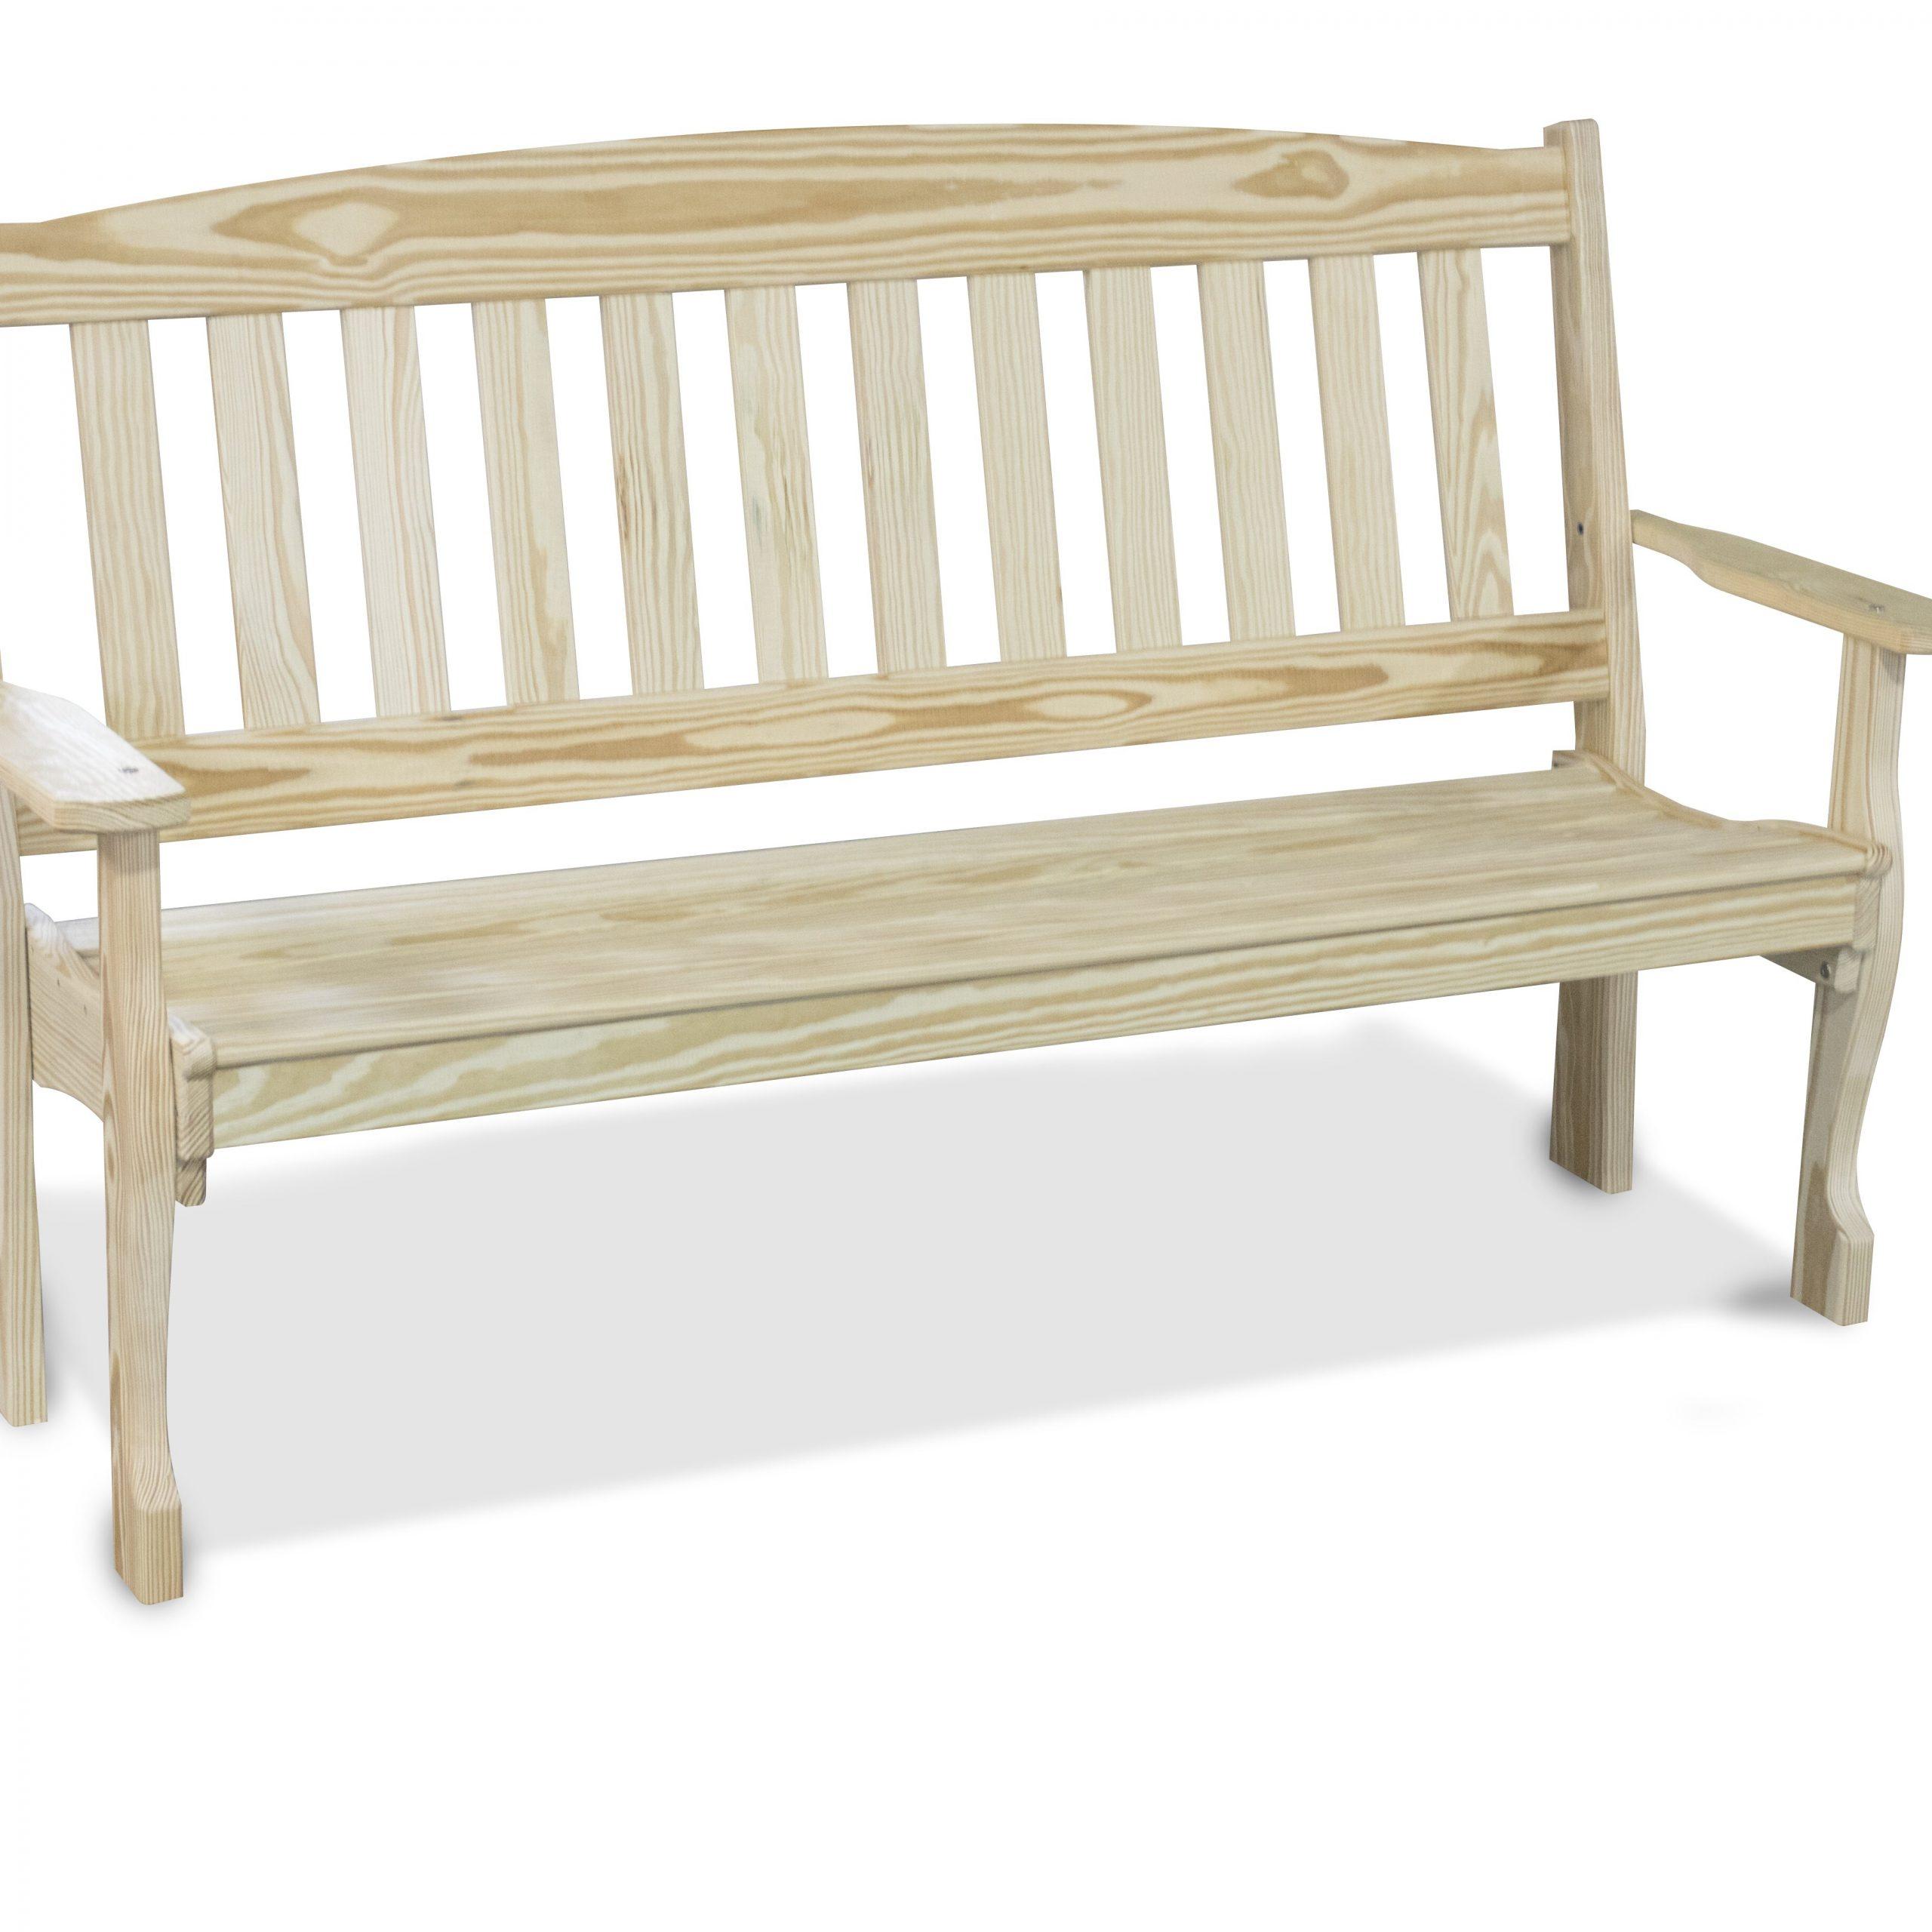 Preferred Wooden Garden Bench Throughout Harpersfield Wooden Garden Benches (View 9 of 30)